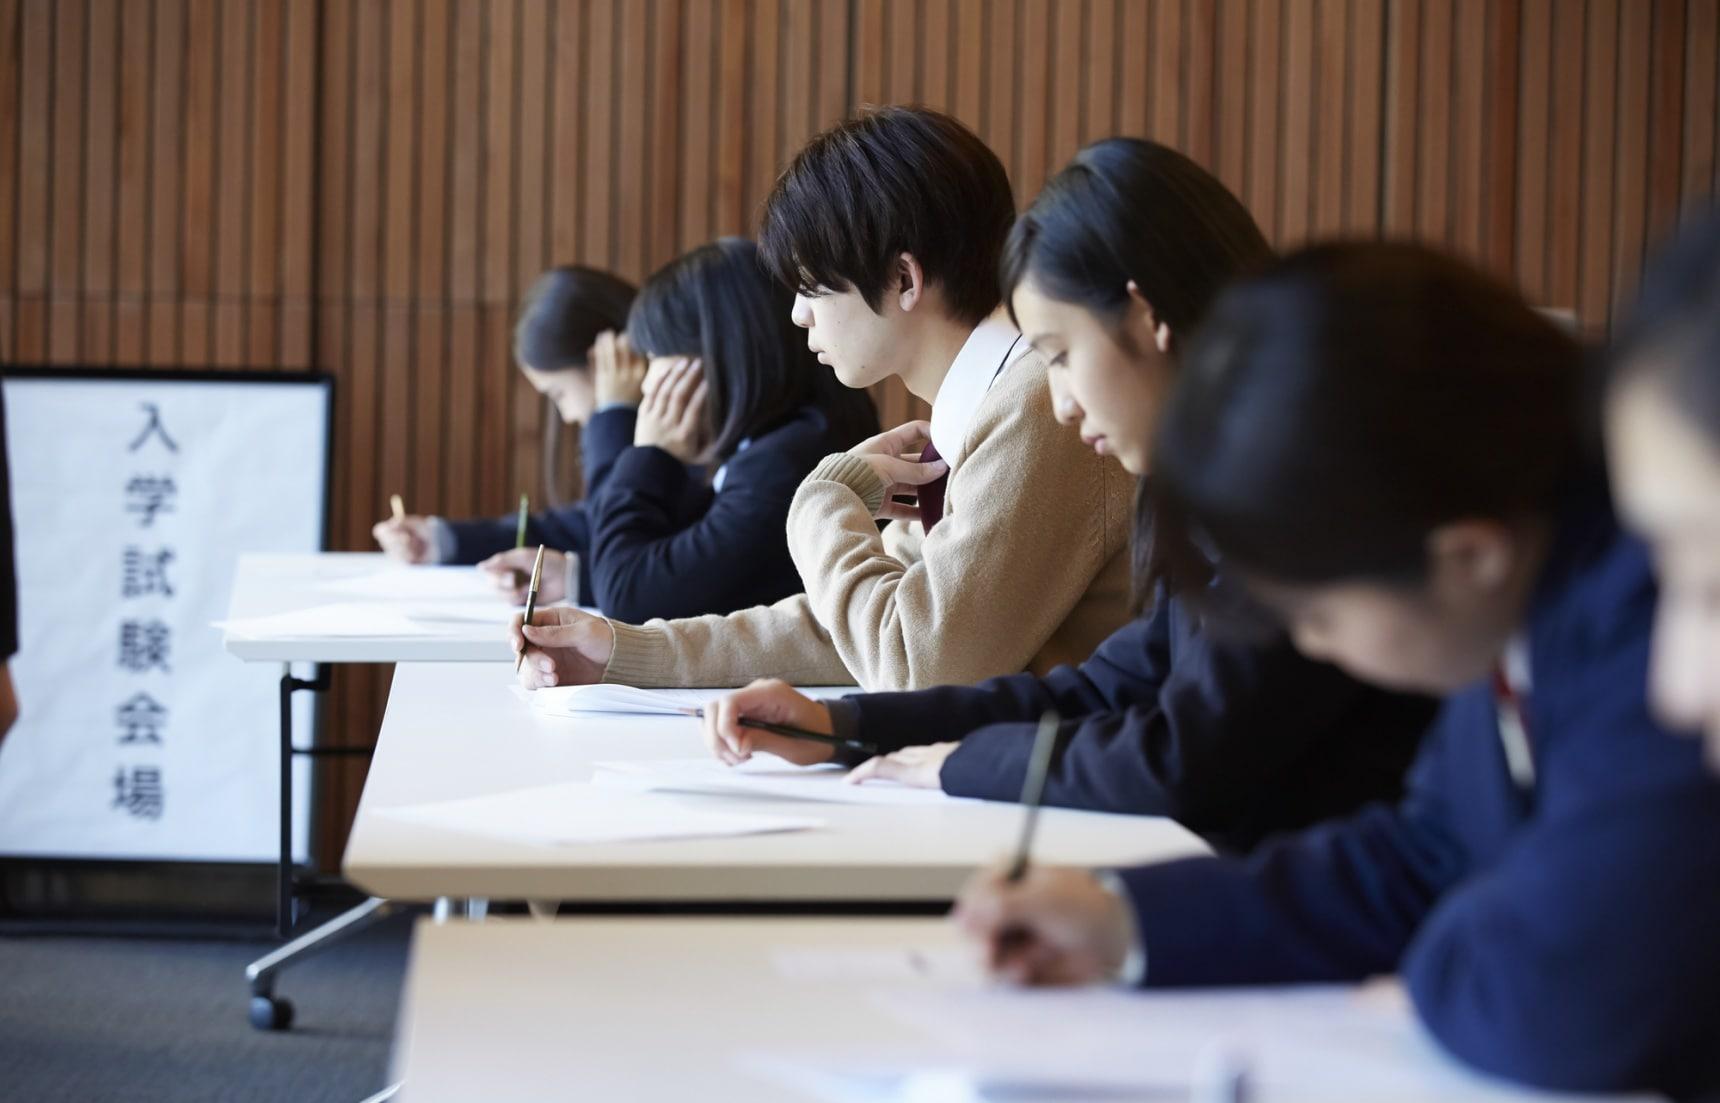 การเรียนป.โทในญี่ปุ่นให้รอด ฉบับผู้เริ่มต้น